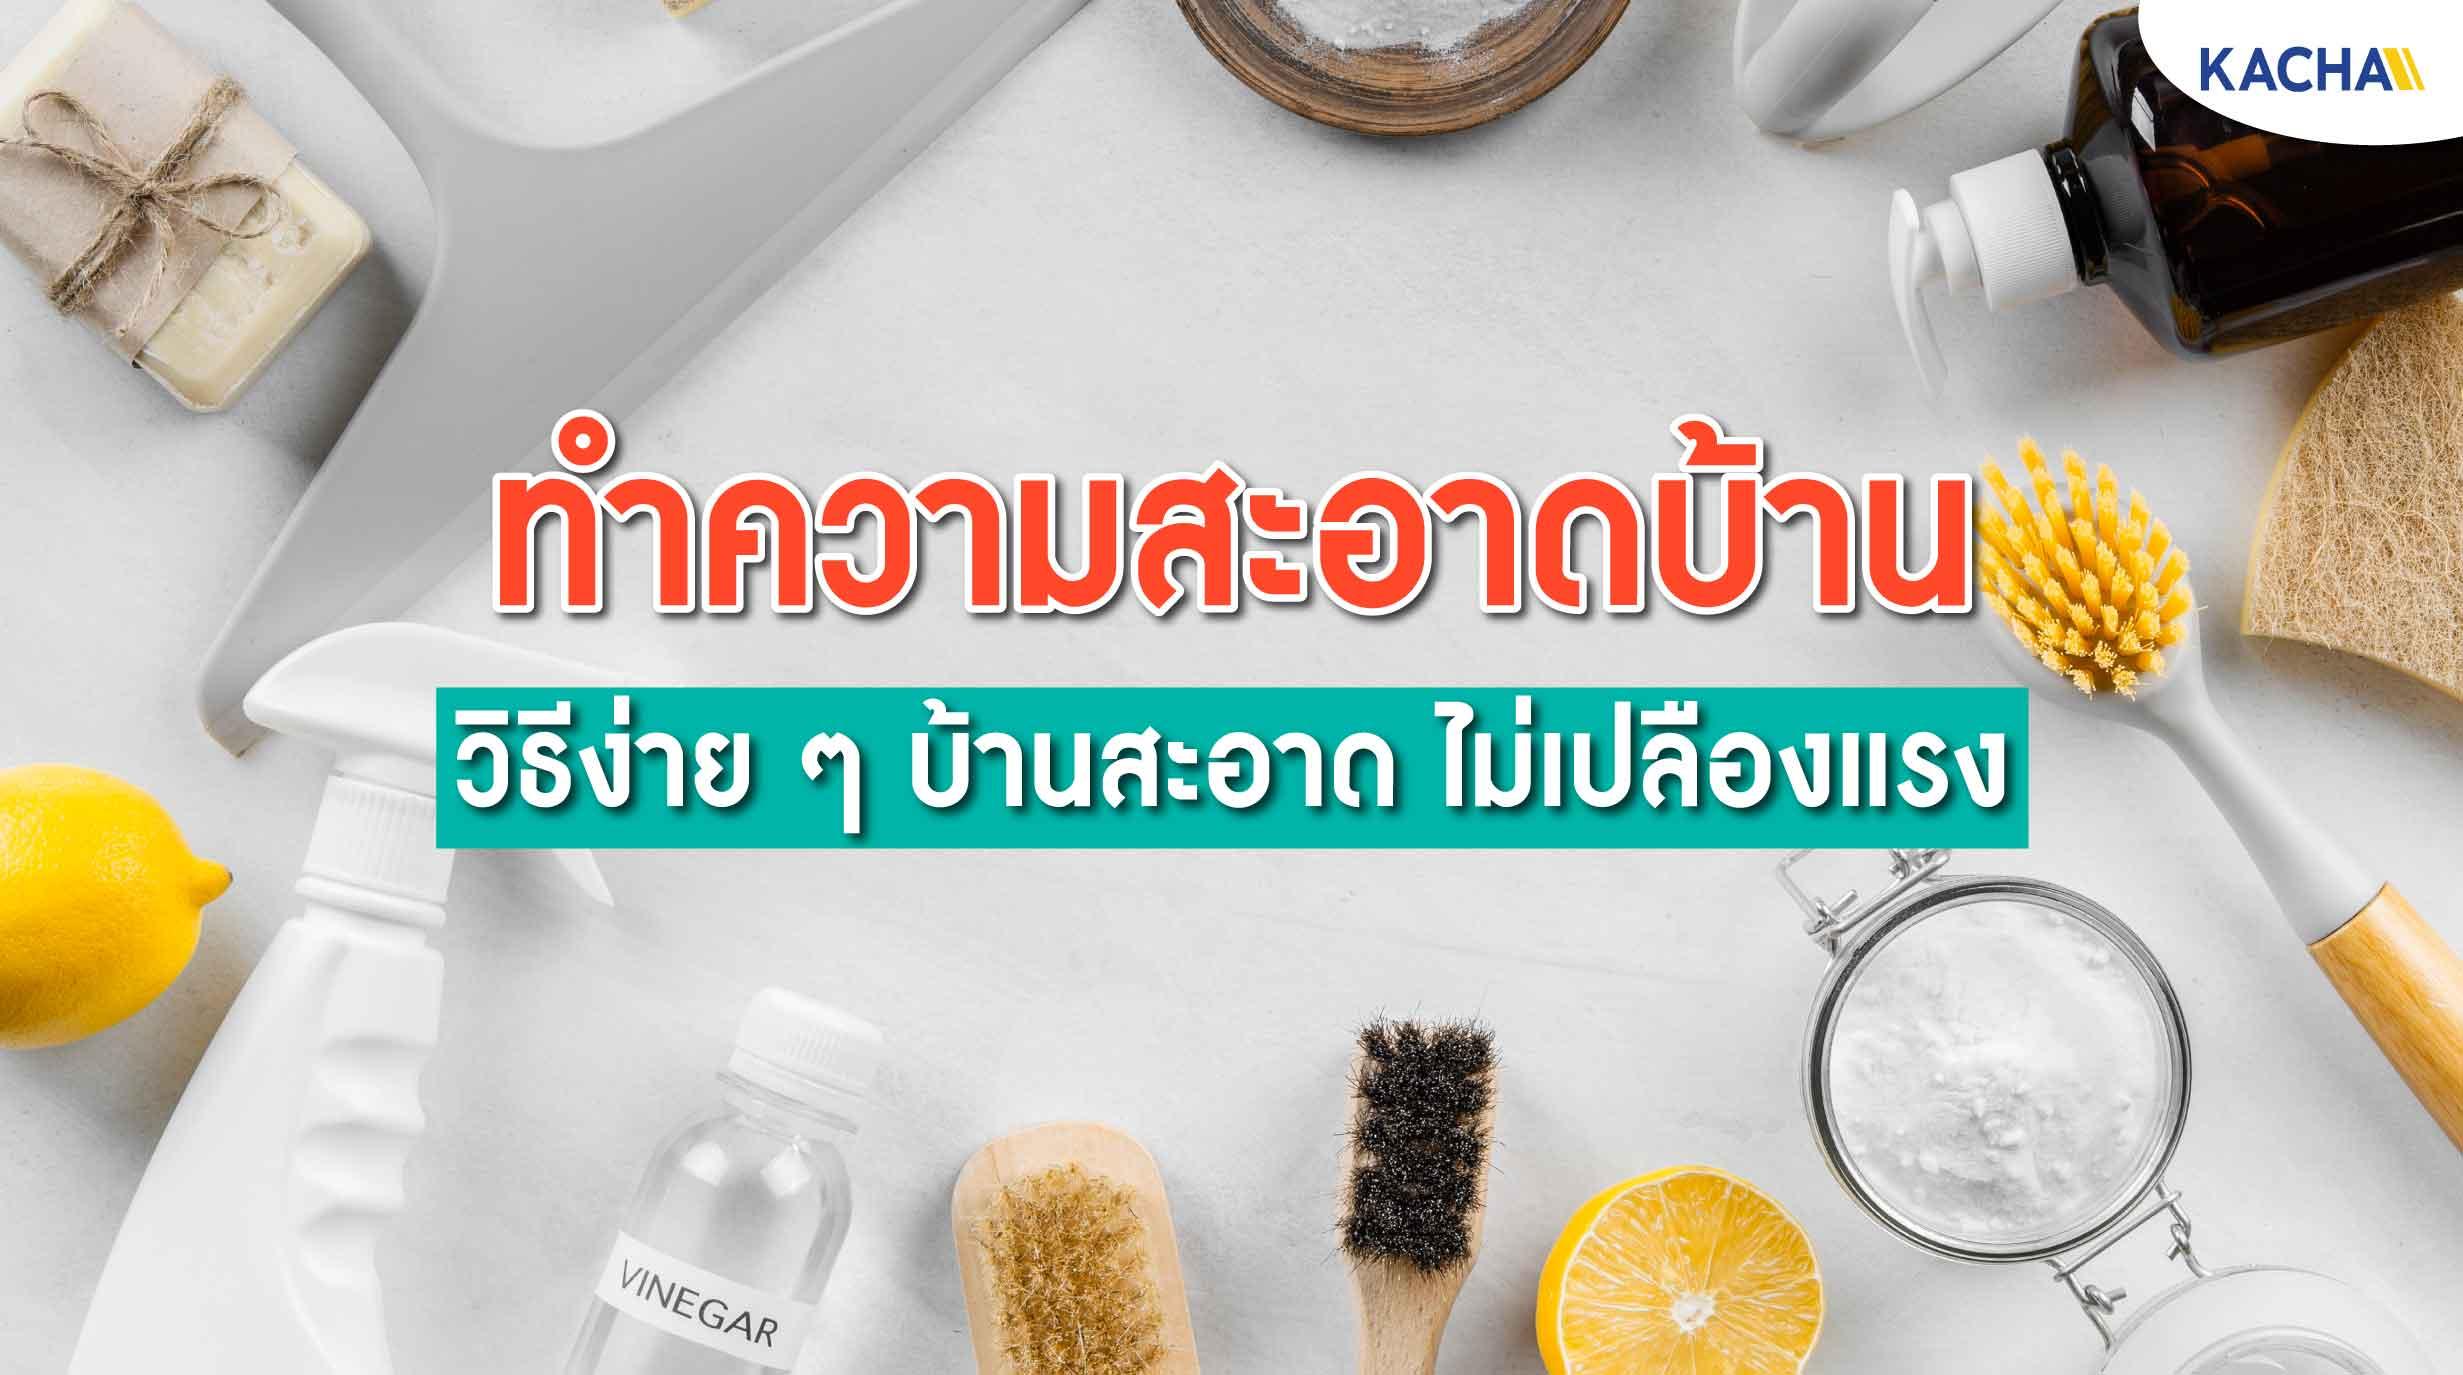 210903-Content-เคล็ดลับ-ทำความสะอาดบ้าน-บ้านสะอาด-ไม่เปลืองแรง!01